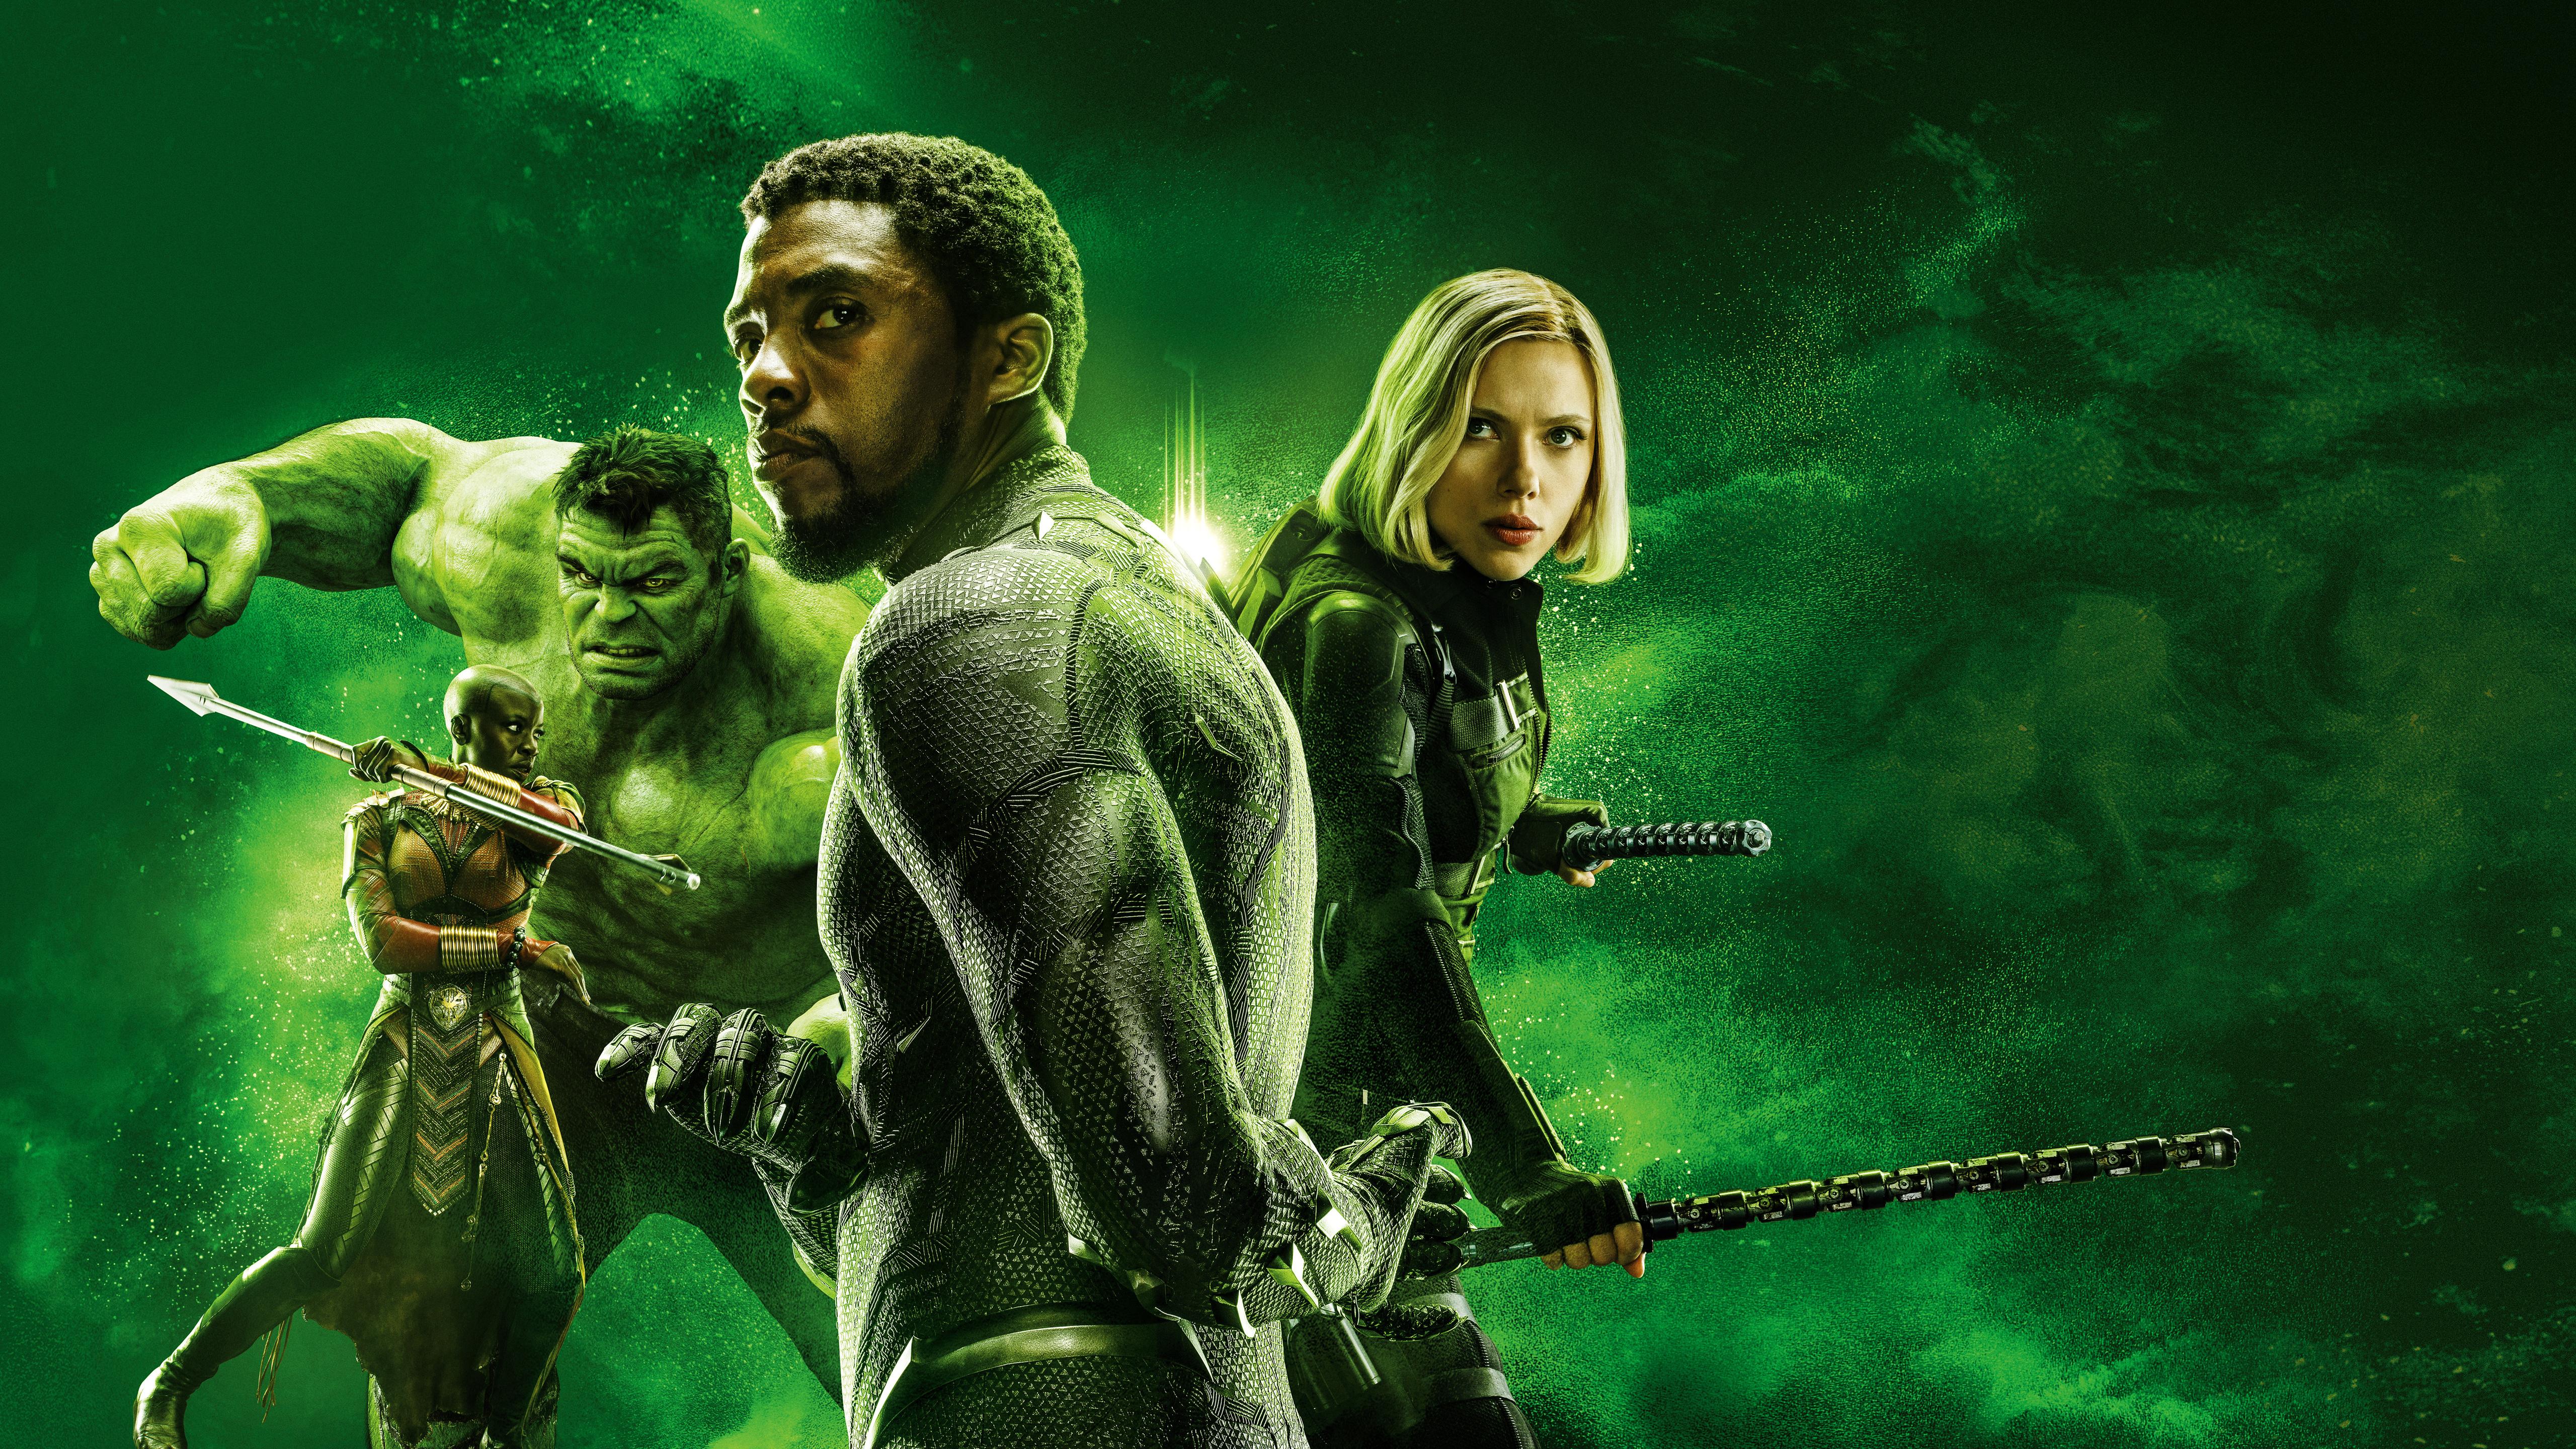 avengers-infinity-war-time-stone-poster-8k-07.jpg